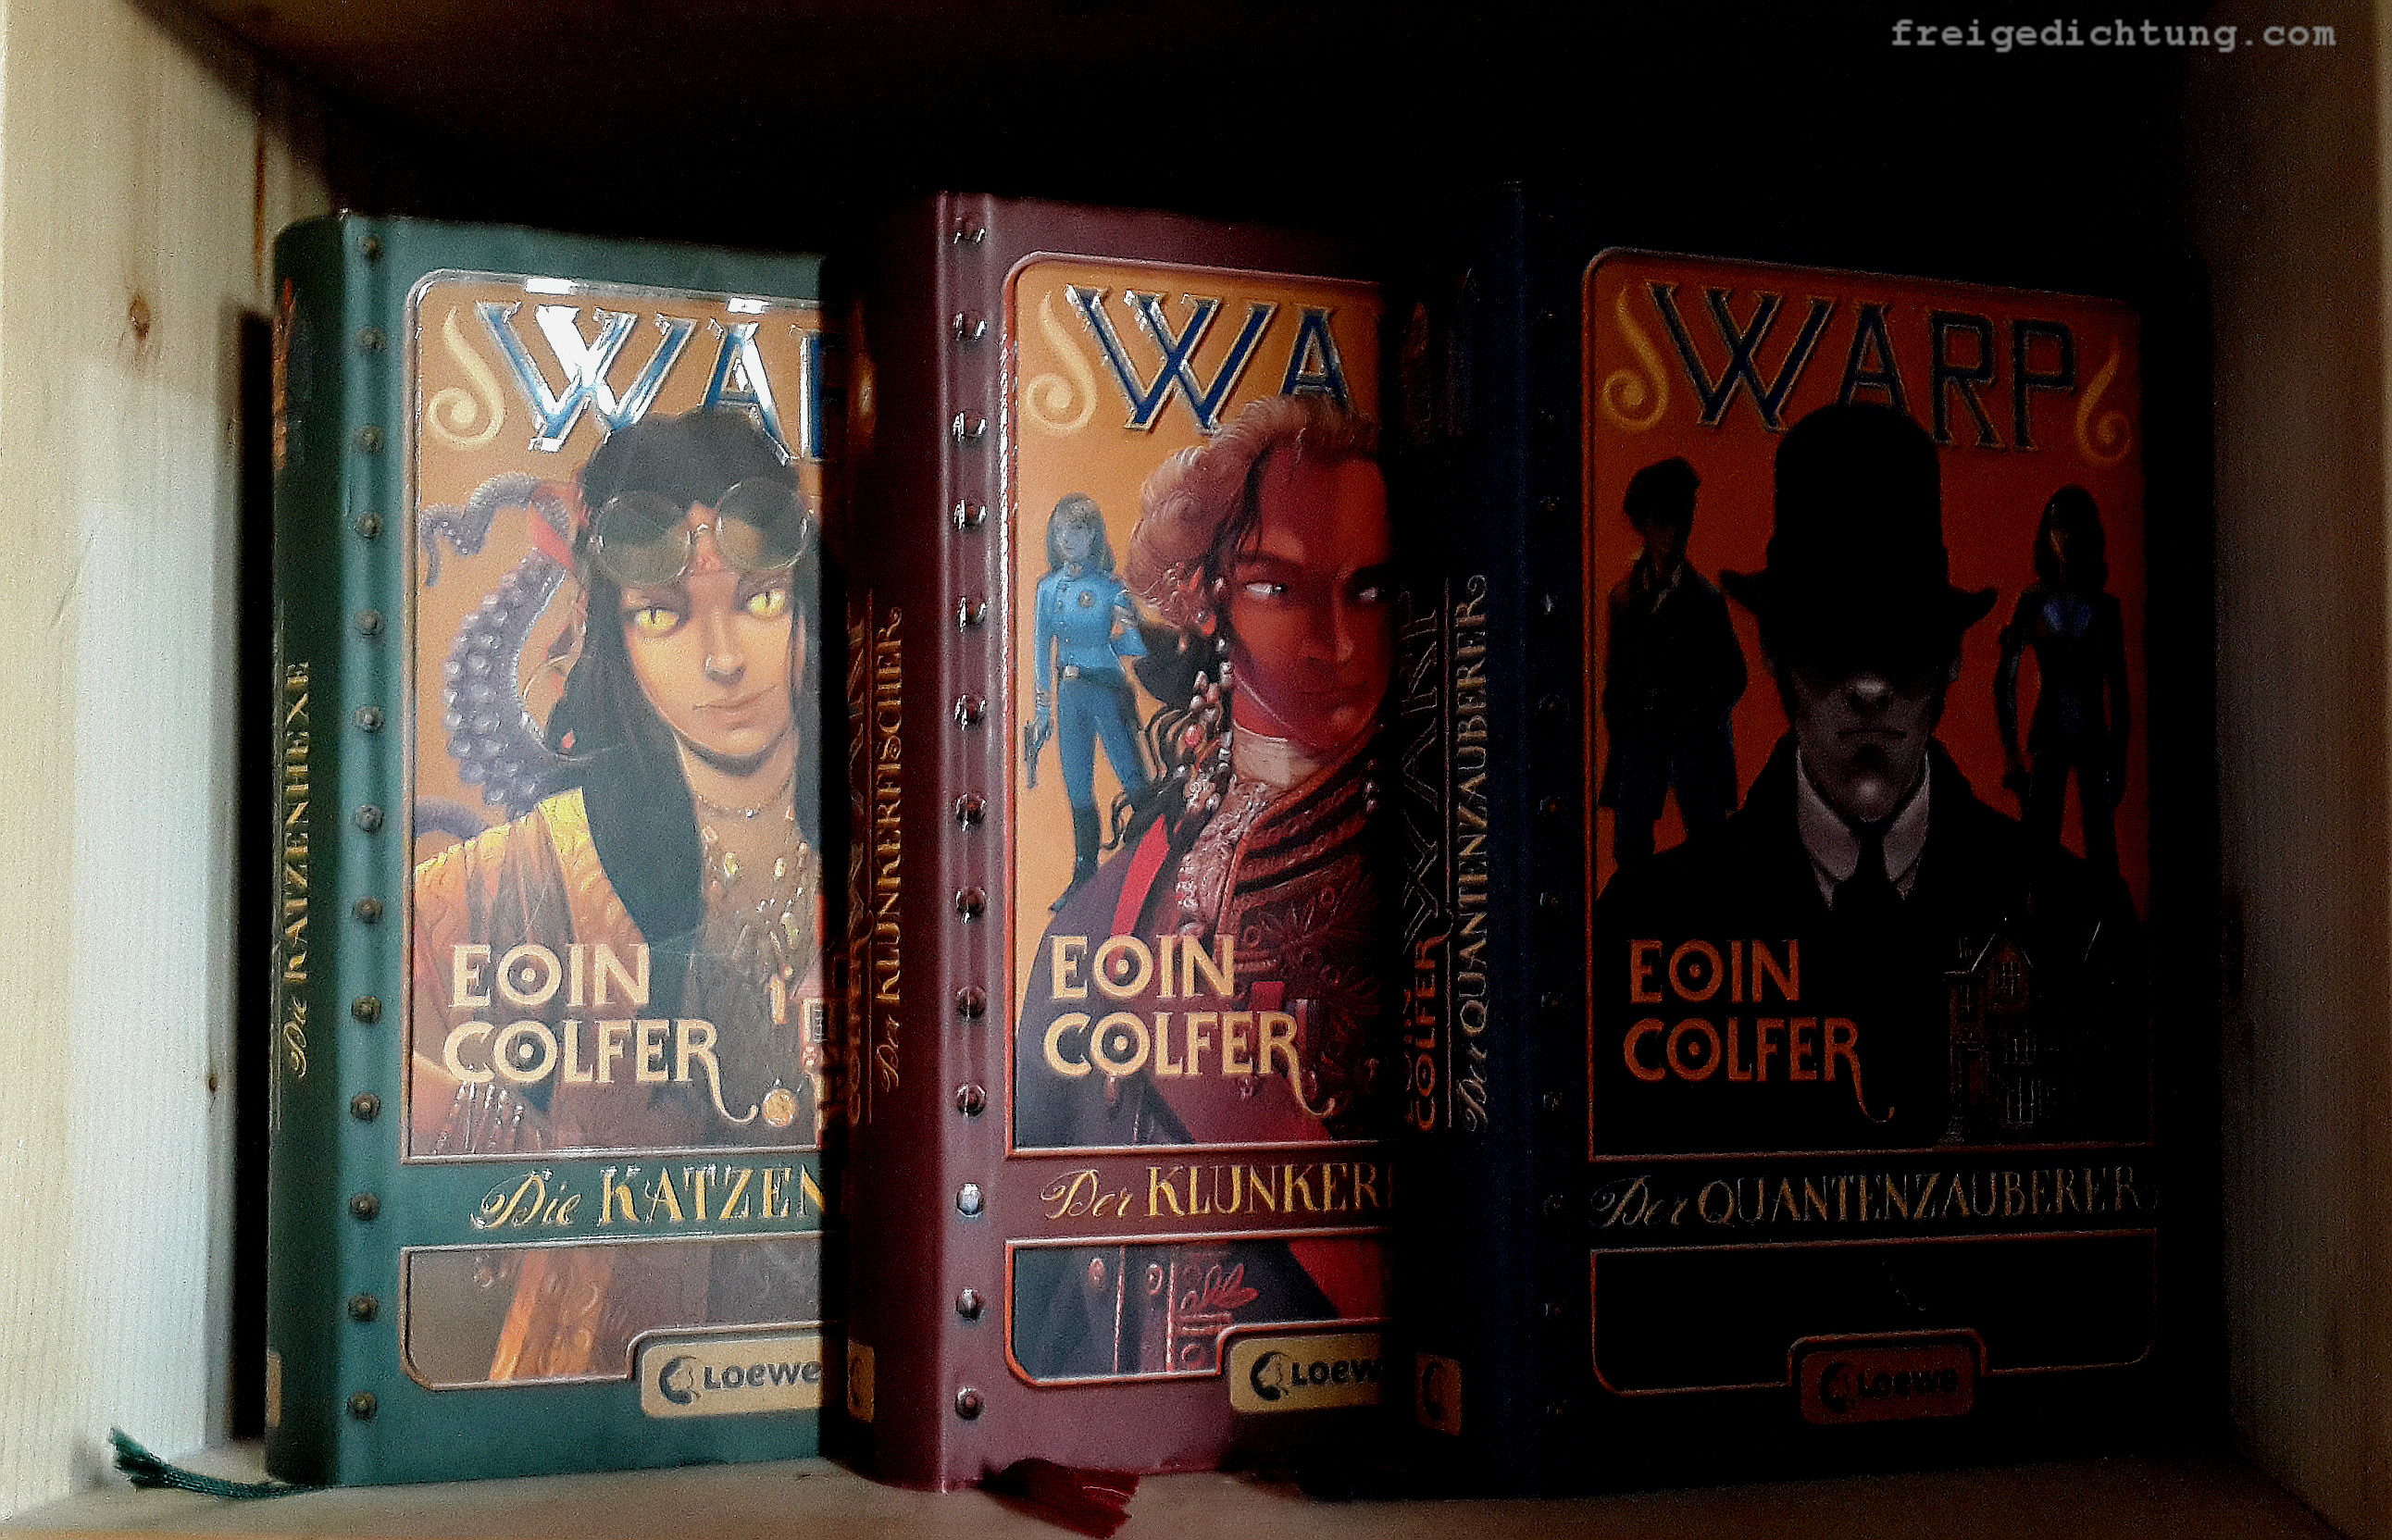 alle drei Bücher front